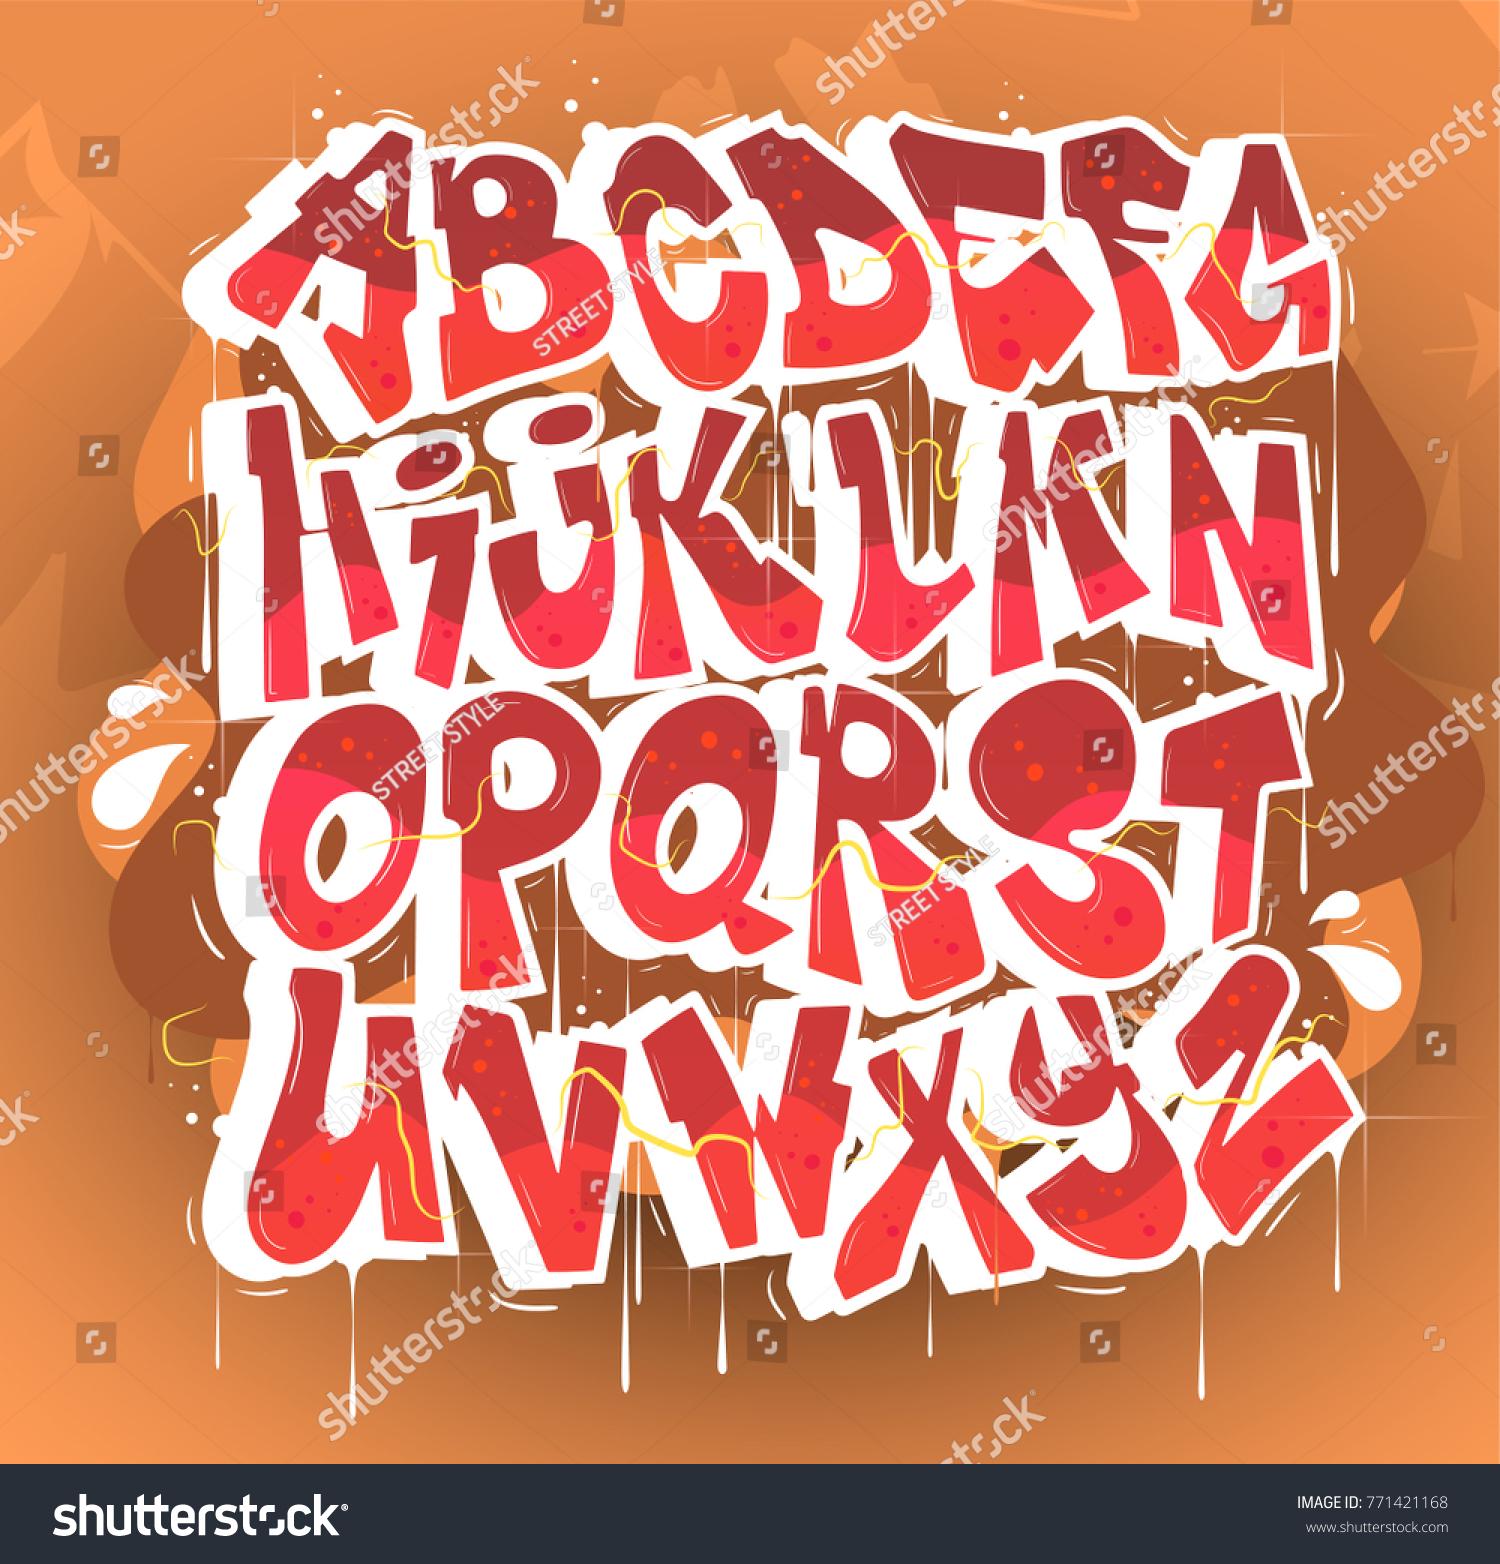 Hip hop graffiti font vector